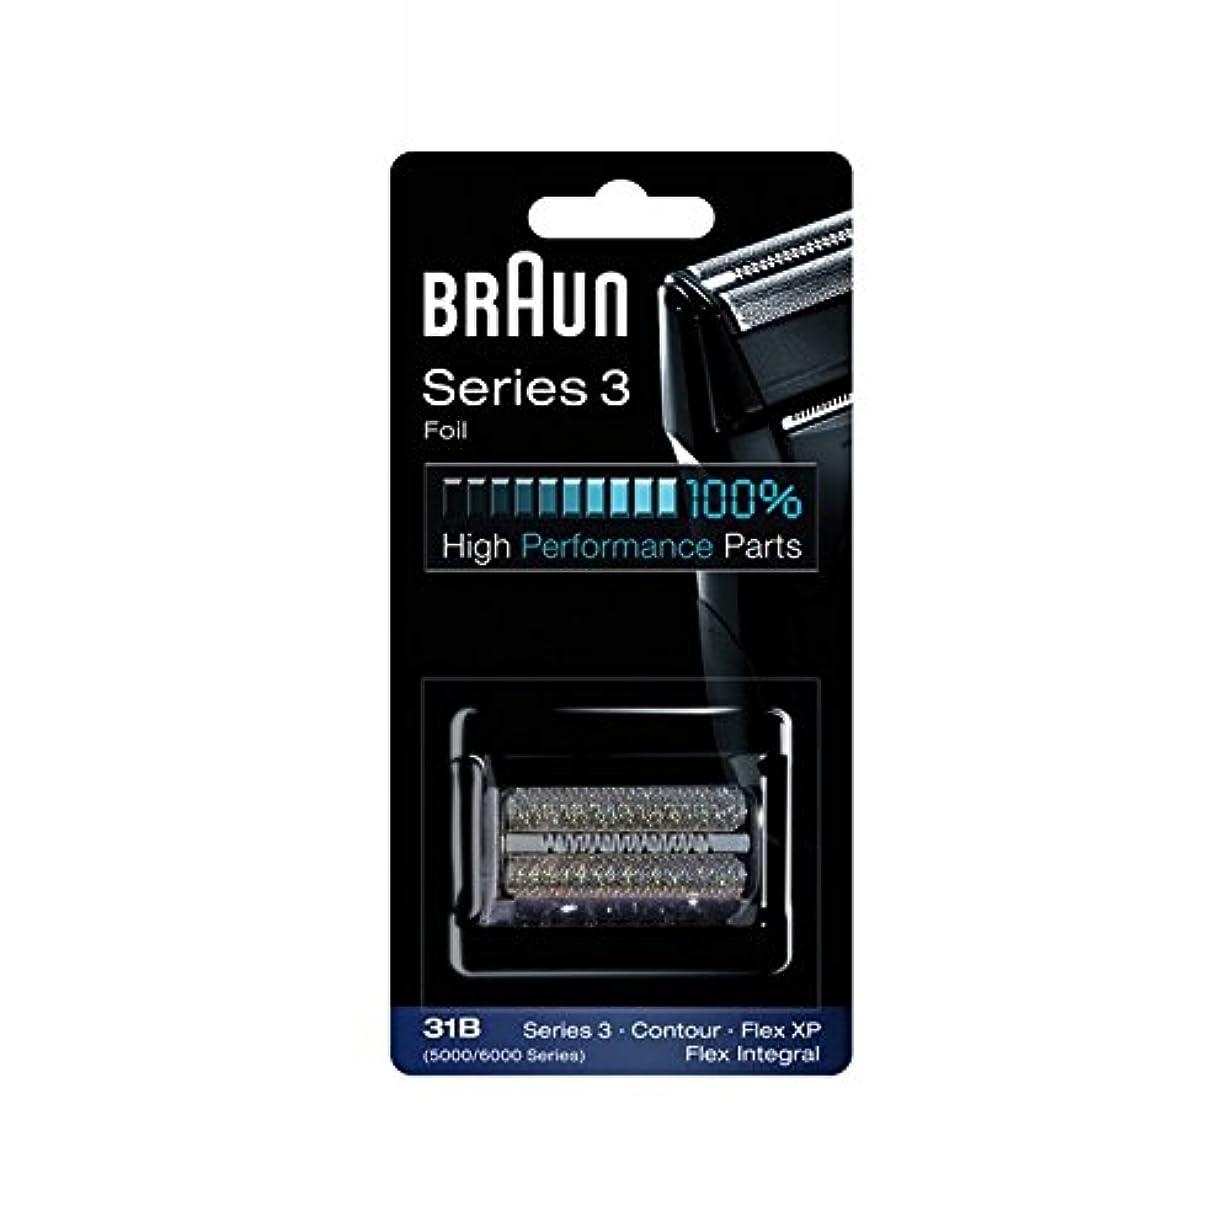 パブ適応レジデンス[Only Foil] Braun 31B それが唯一のシェーバー箔を含む箔(含まれないものカッター) [並行輸入品]